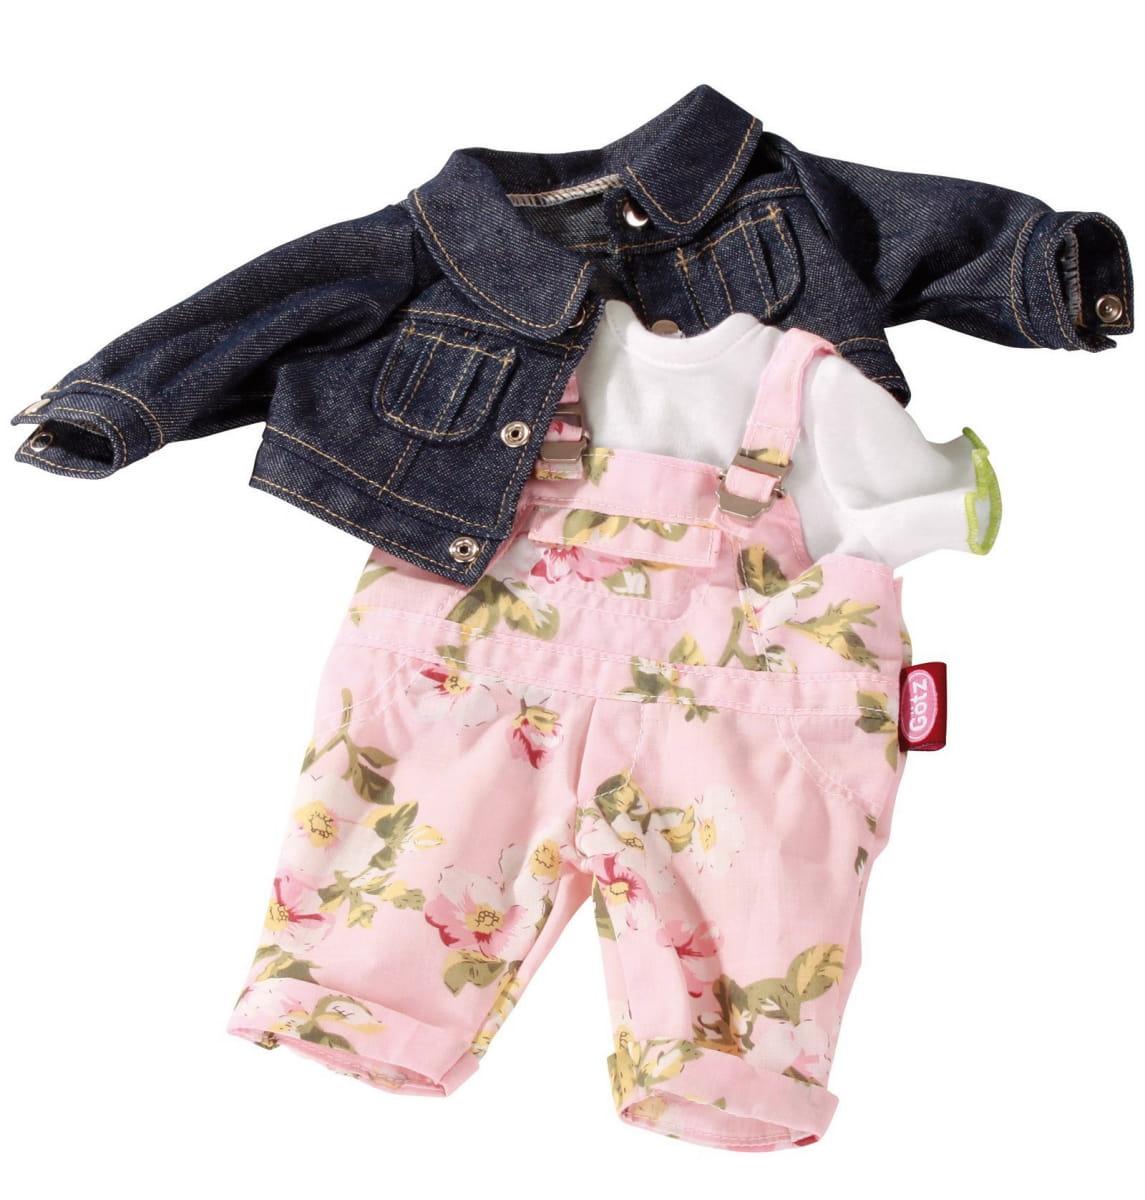 Набор одежды для кукол GOTZ Розовый сад (30-33 см)